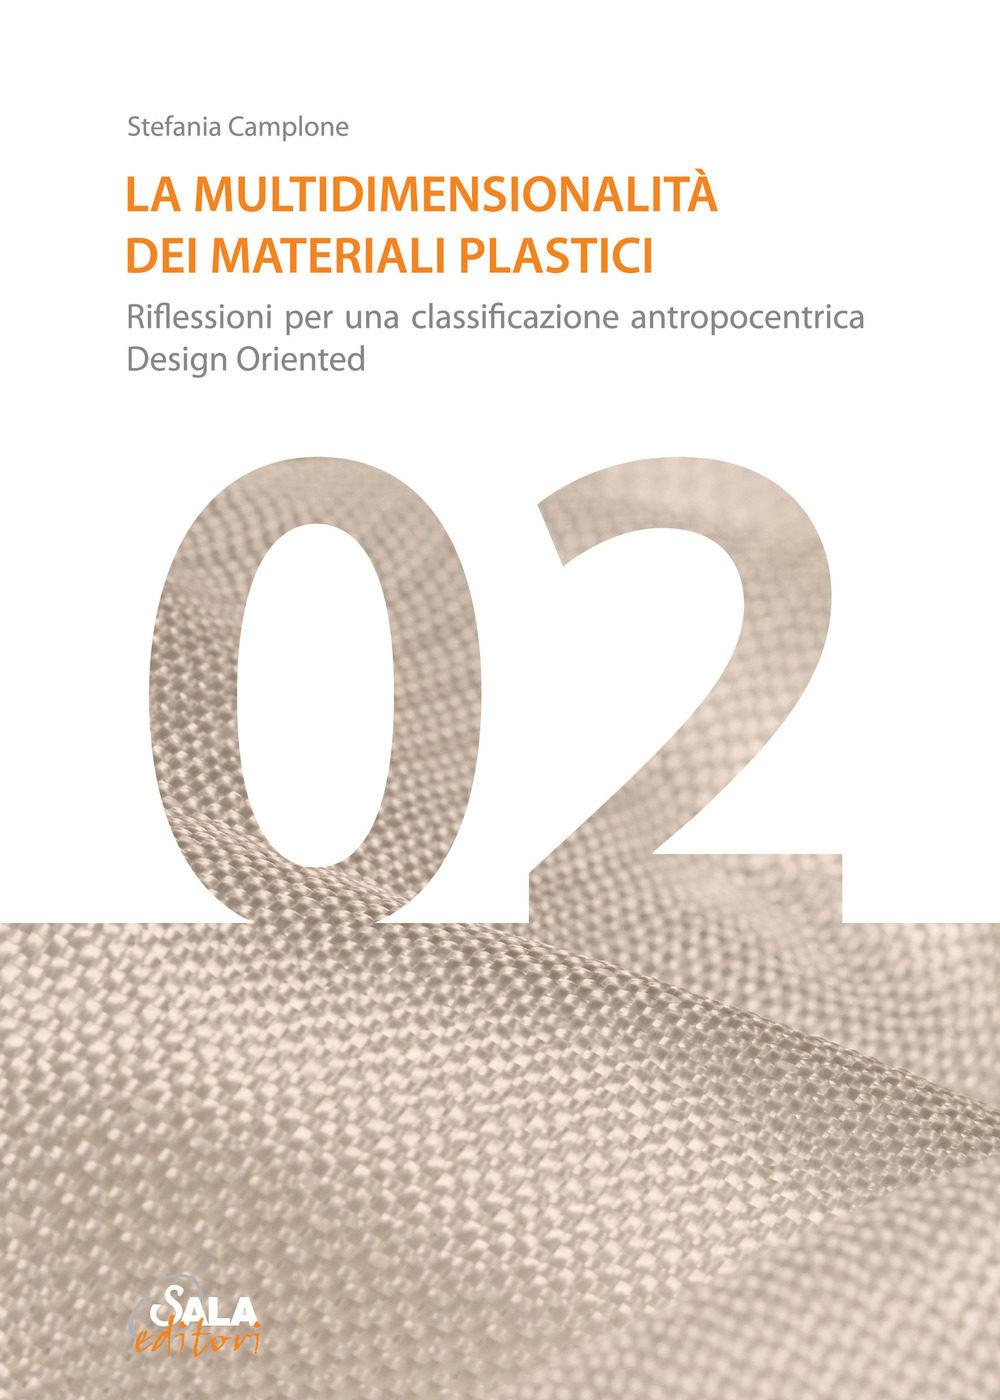 La multidimensionalità dei materiali plastici